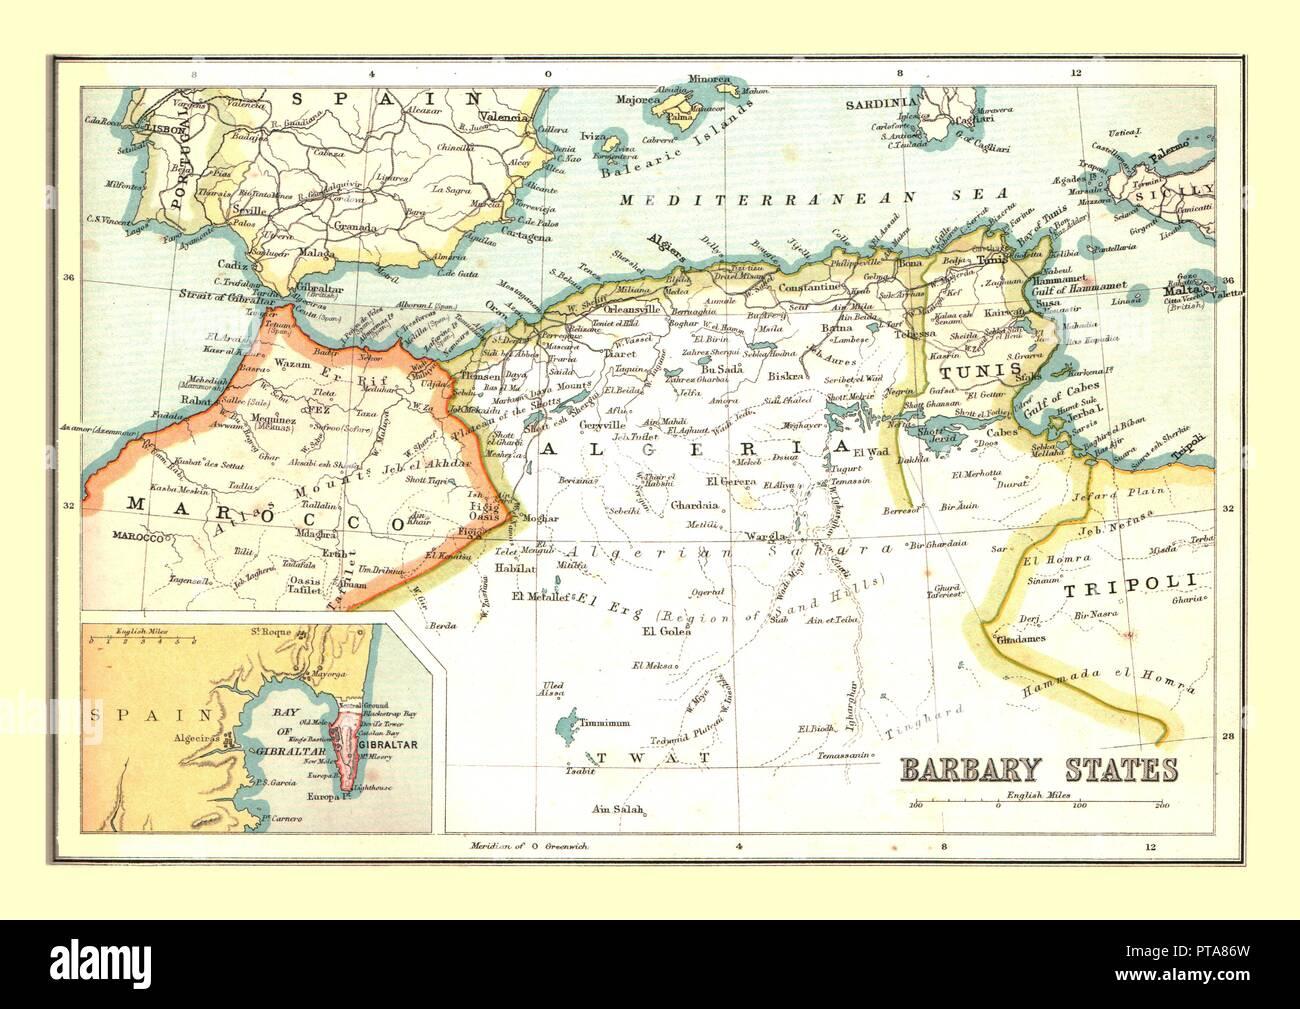 Tunesien Karte Welt.Karte Der Barbary States 1902 Ubersicht Marokko Algerien